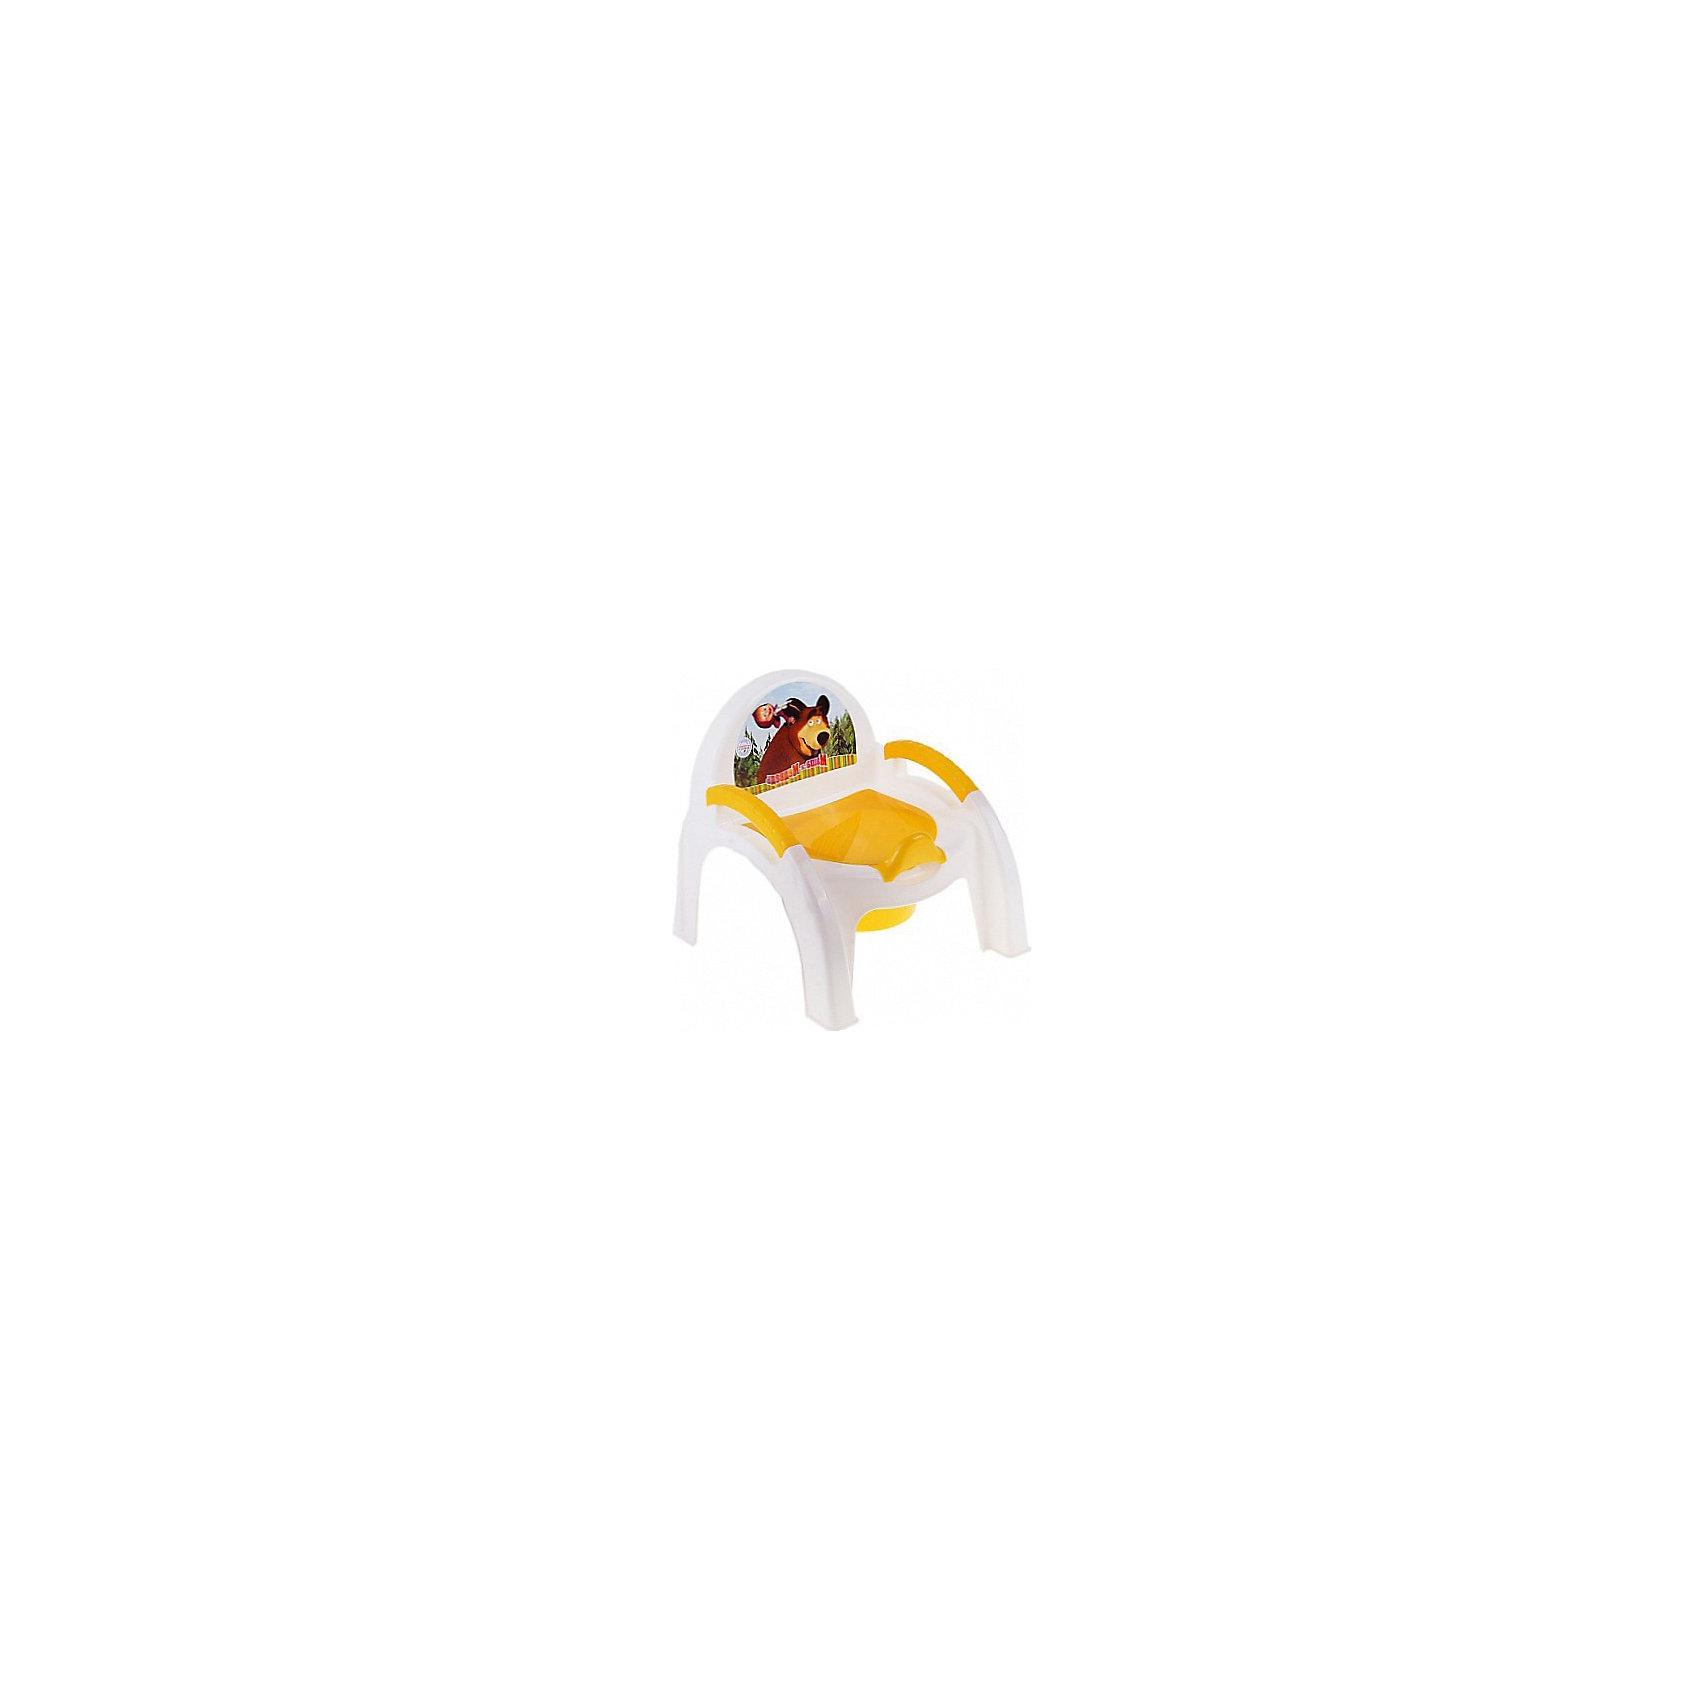 Пластишка Горшок-стульчик Маша и Медведь, Пластишка, бытпласт пластишка 4313262 желтый